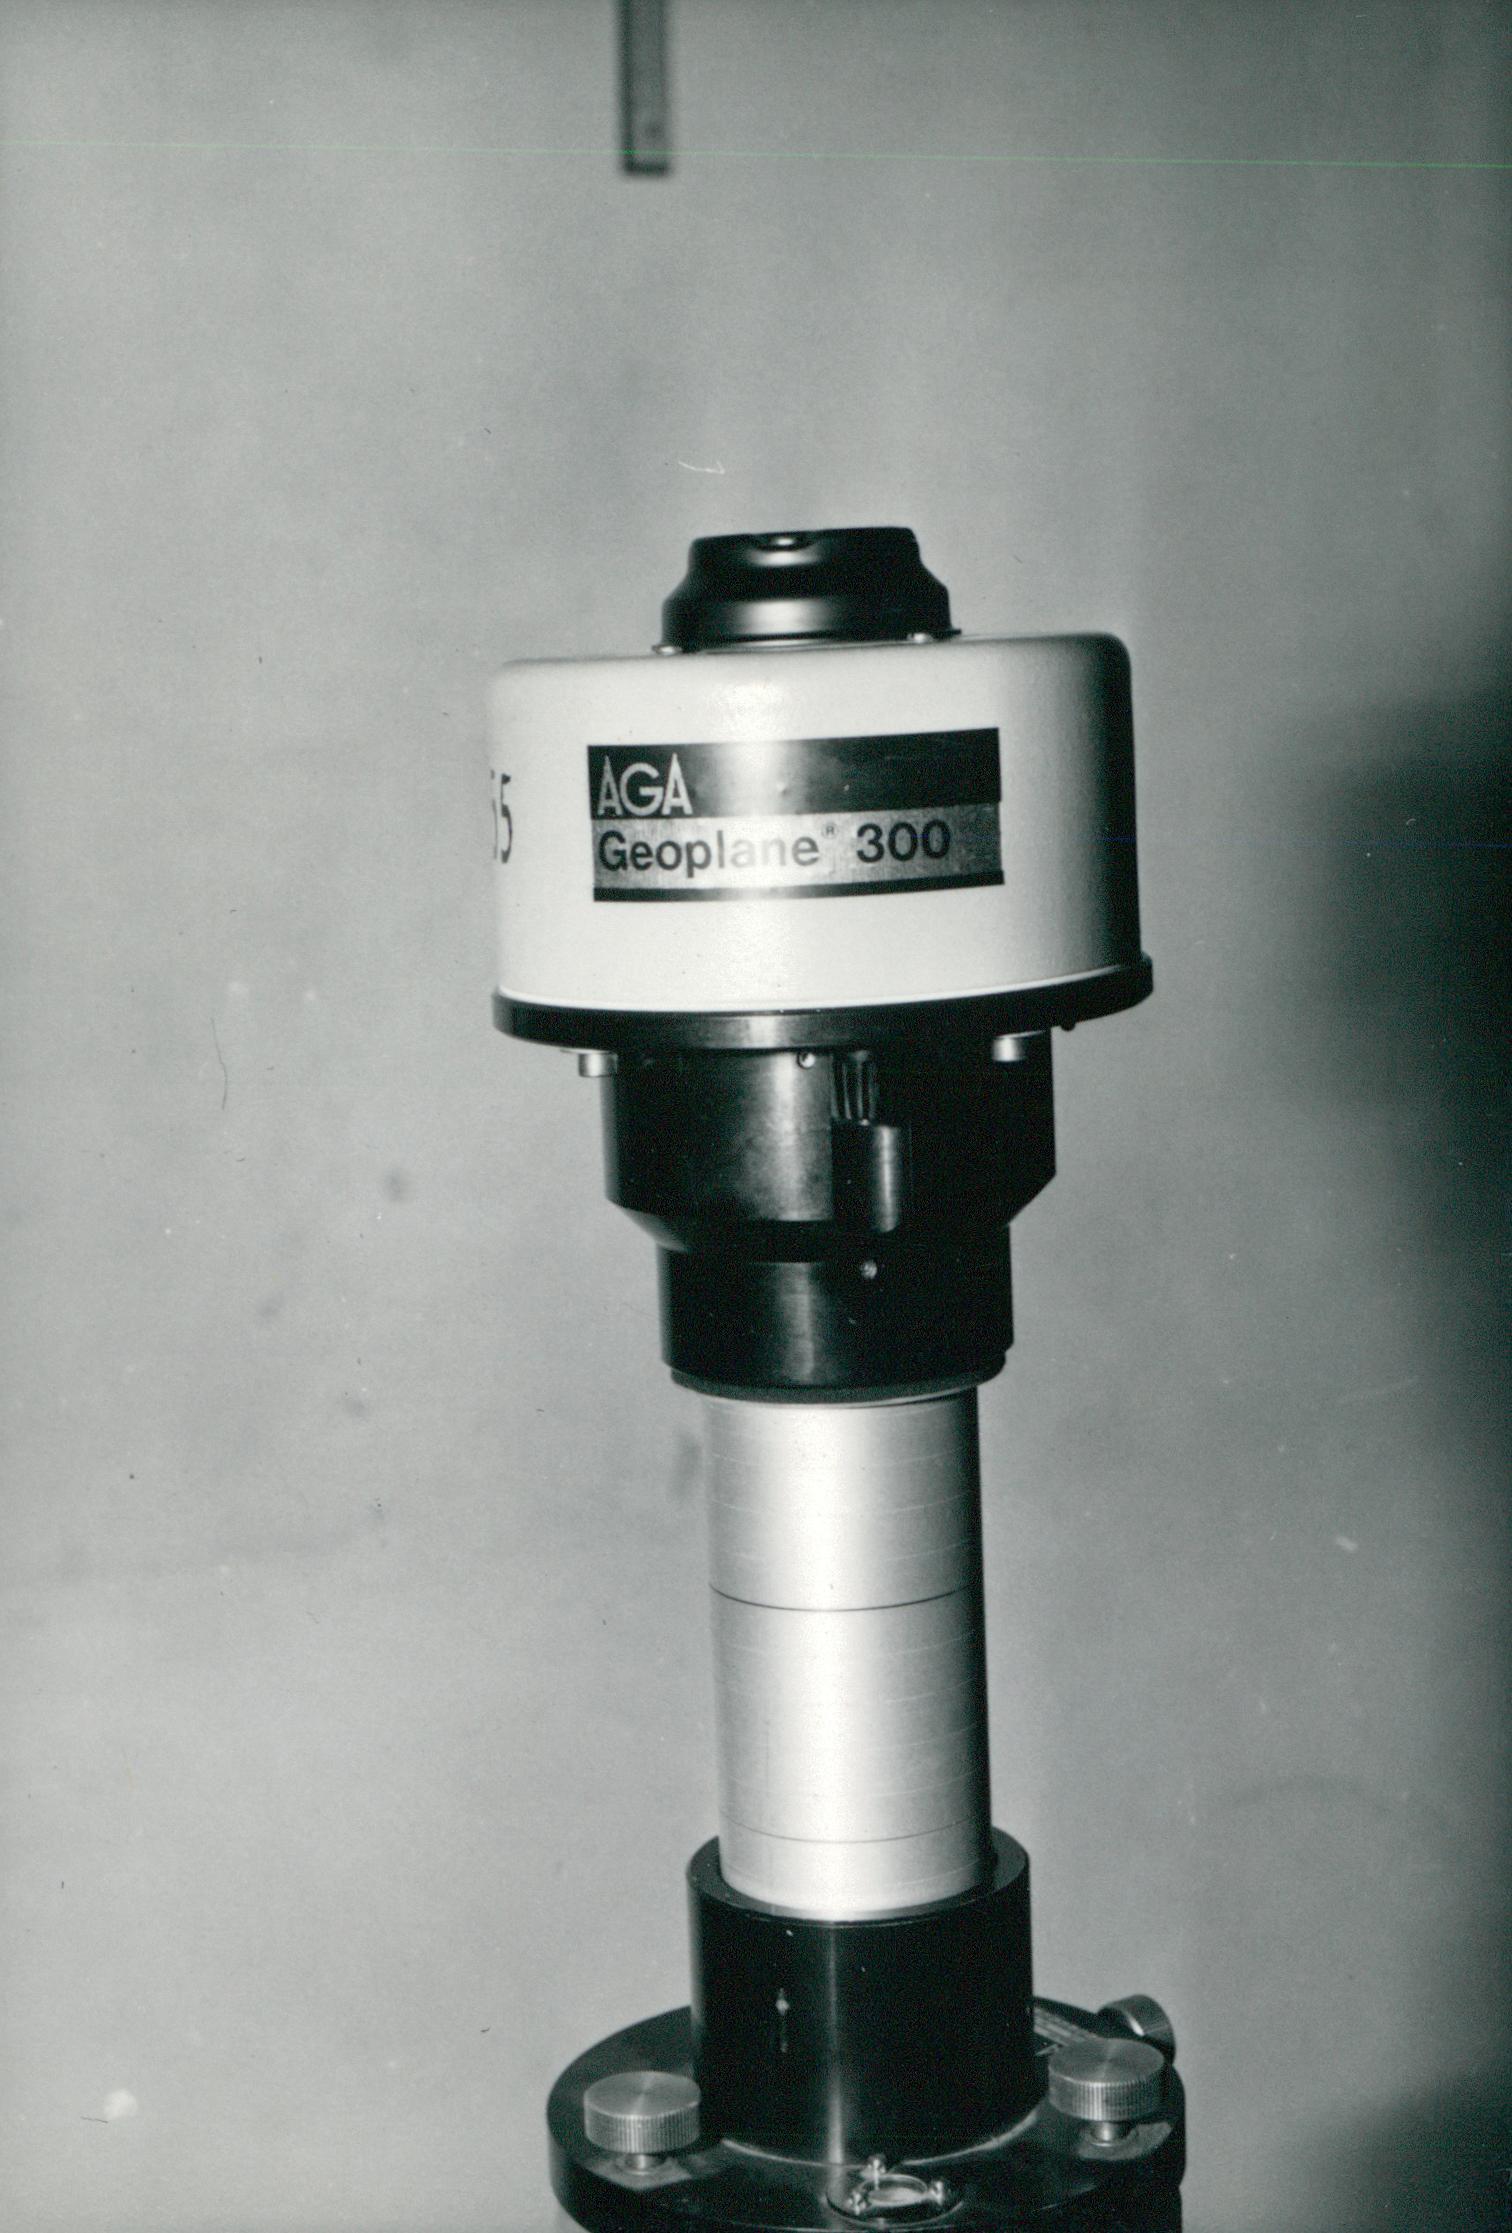 Műszaki telep és geodéziai műszerek fotói